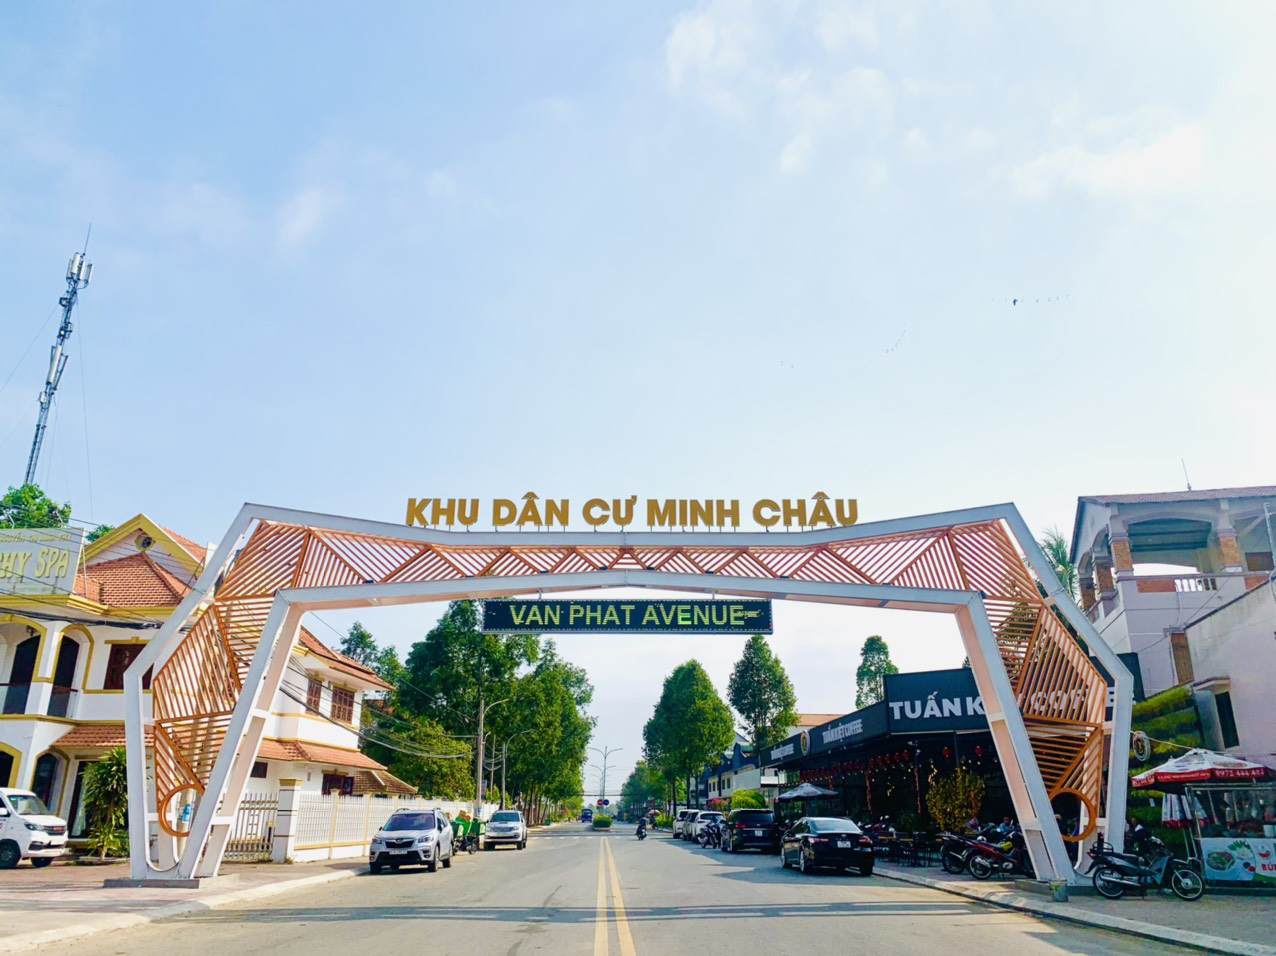 Khu dân cư Minh Châu đón nhận nhiều kỳ vọng từ giới đầu tư